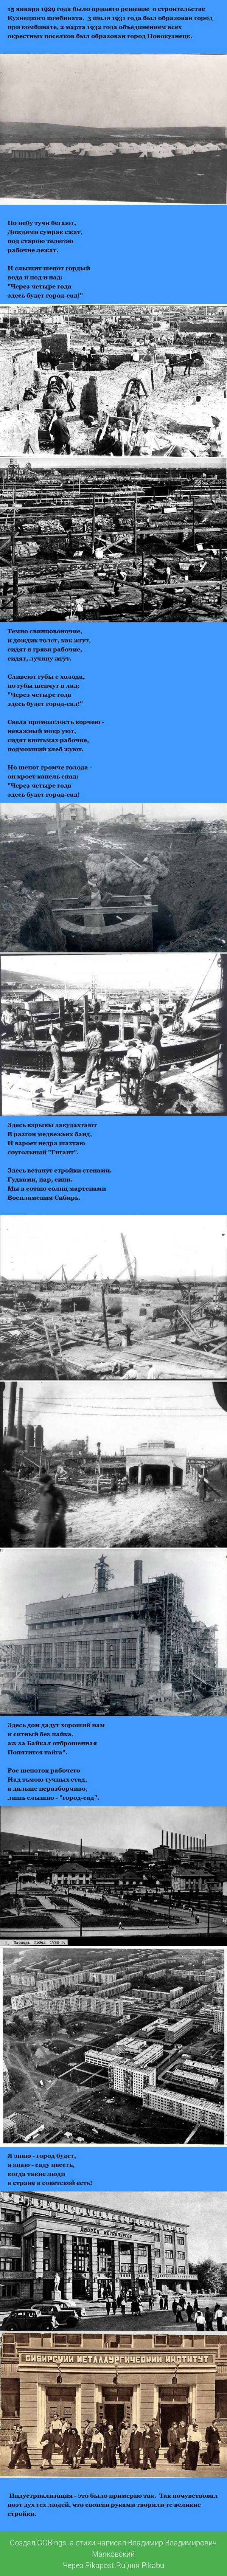 Рассказ Хренова о Кузнецкстрое и о людях Кузнецка маяковский, история, фото, индустриализация, стихи, длиннопост